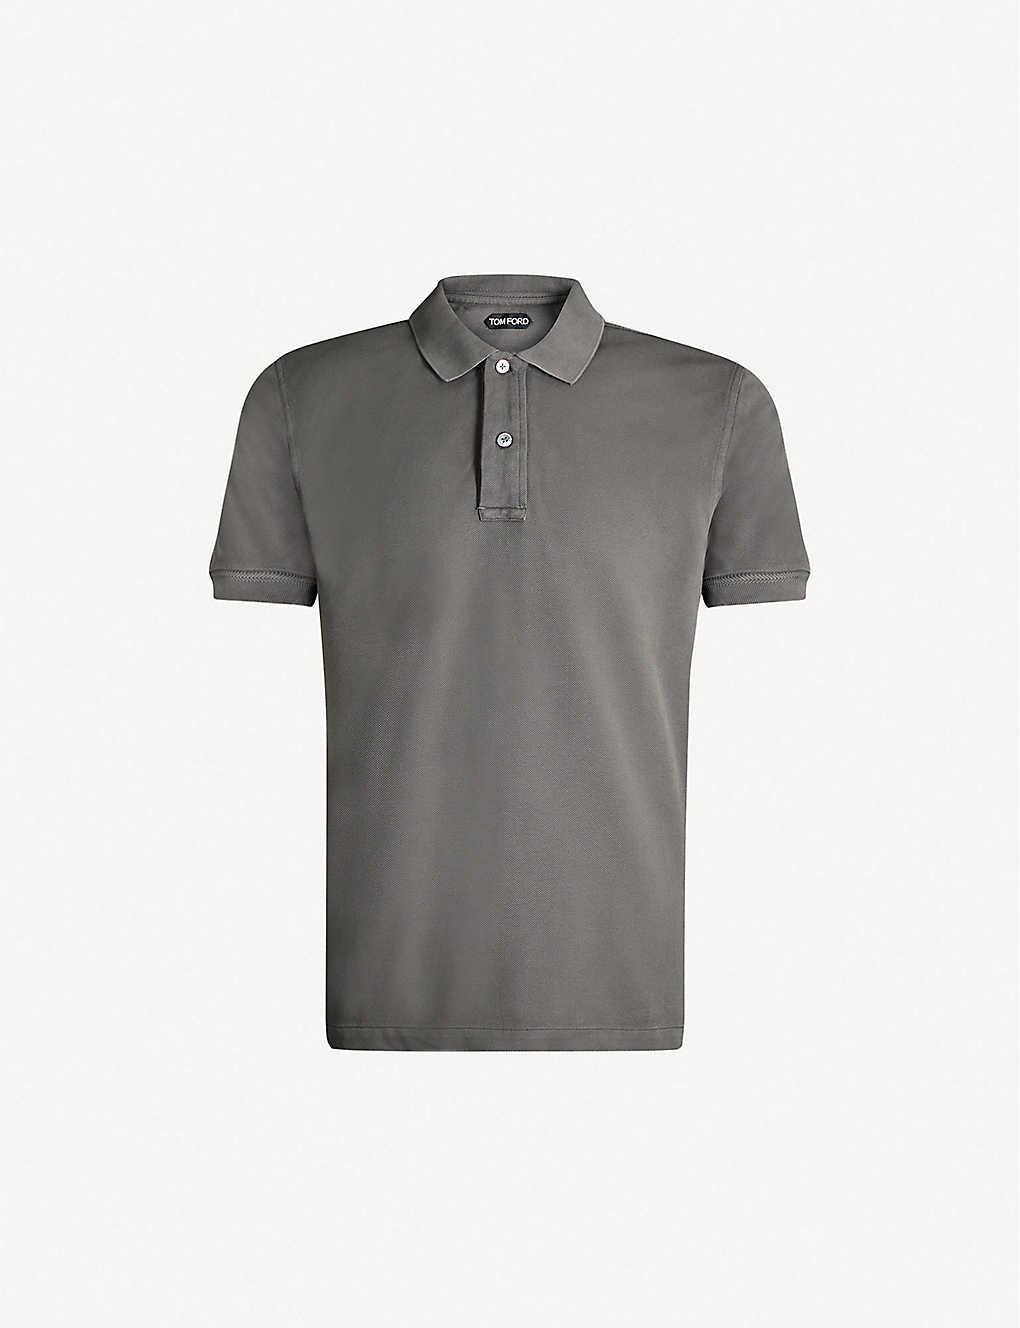 5a283a524c68b TOM FORD - Logo-embroidered cotton-piqué polo shirt   Selfridges.com